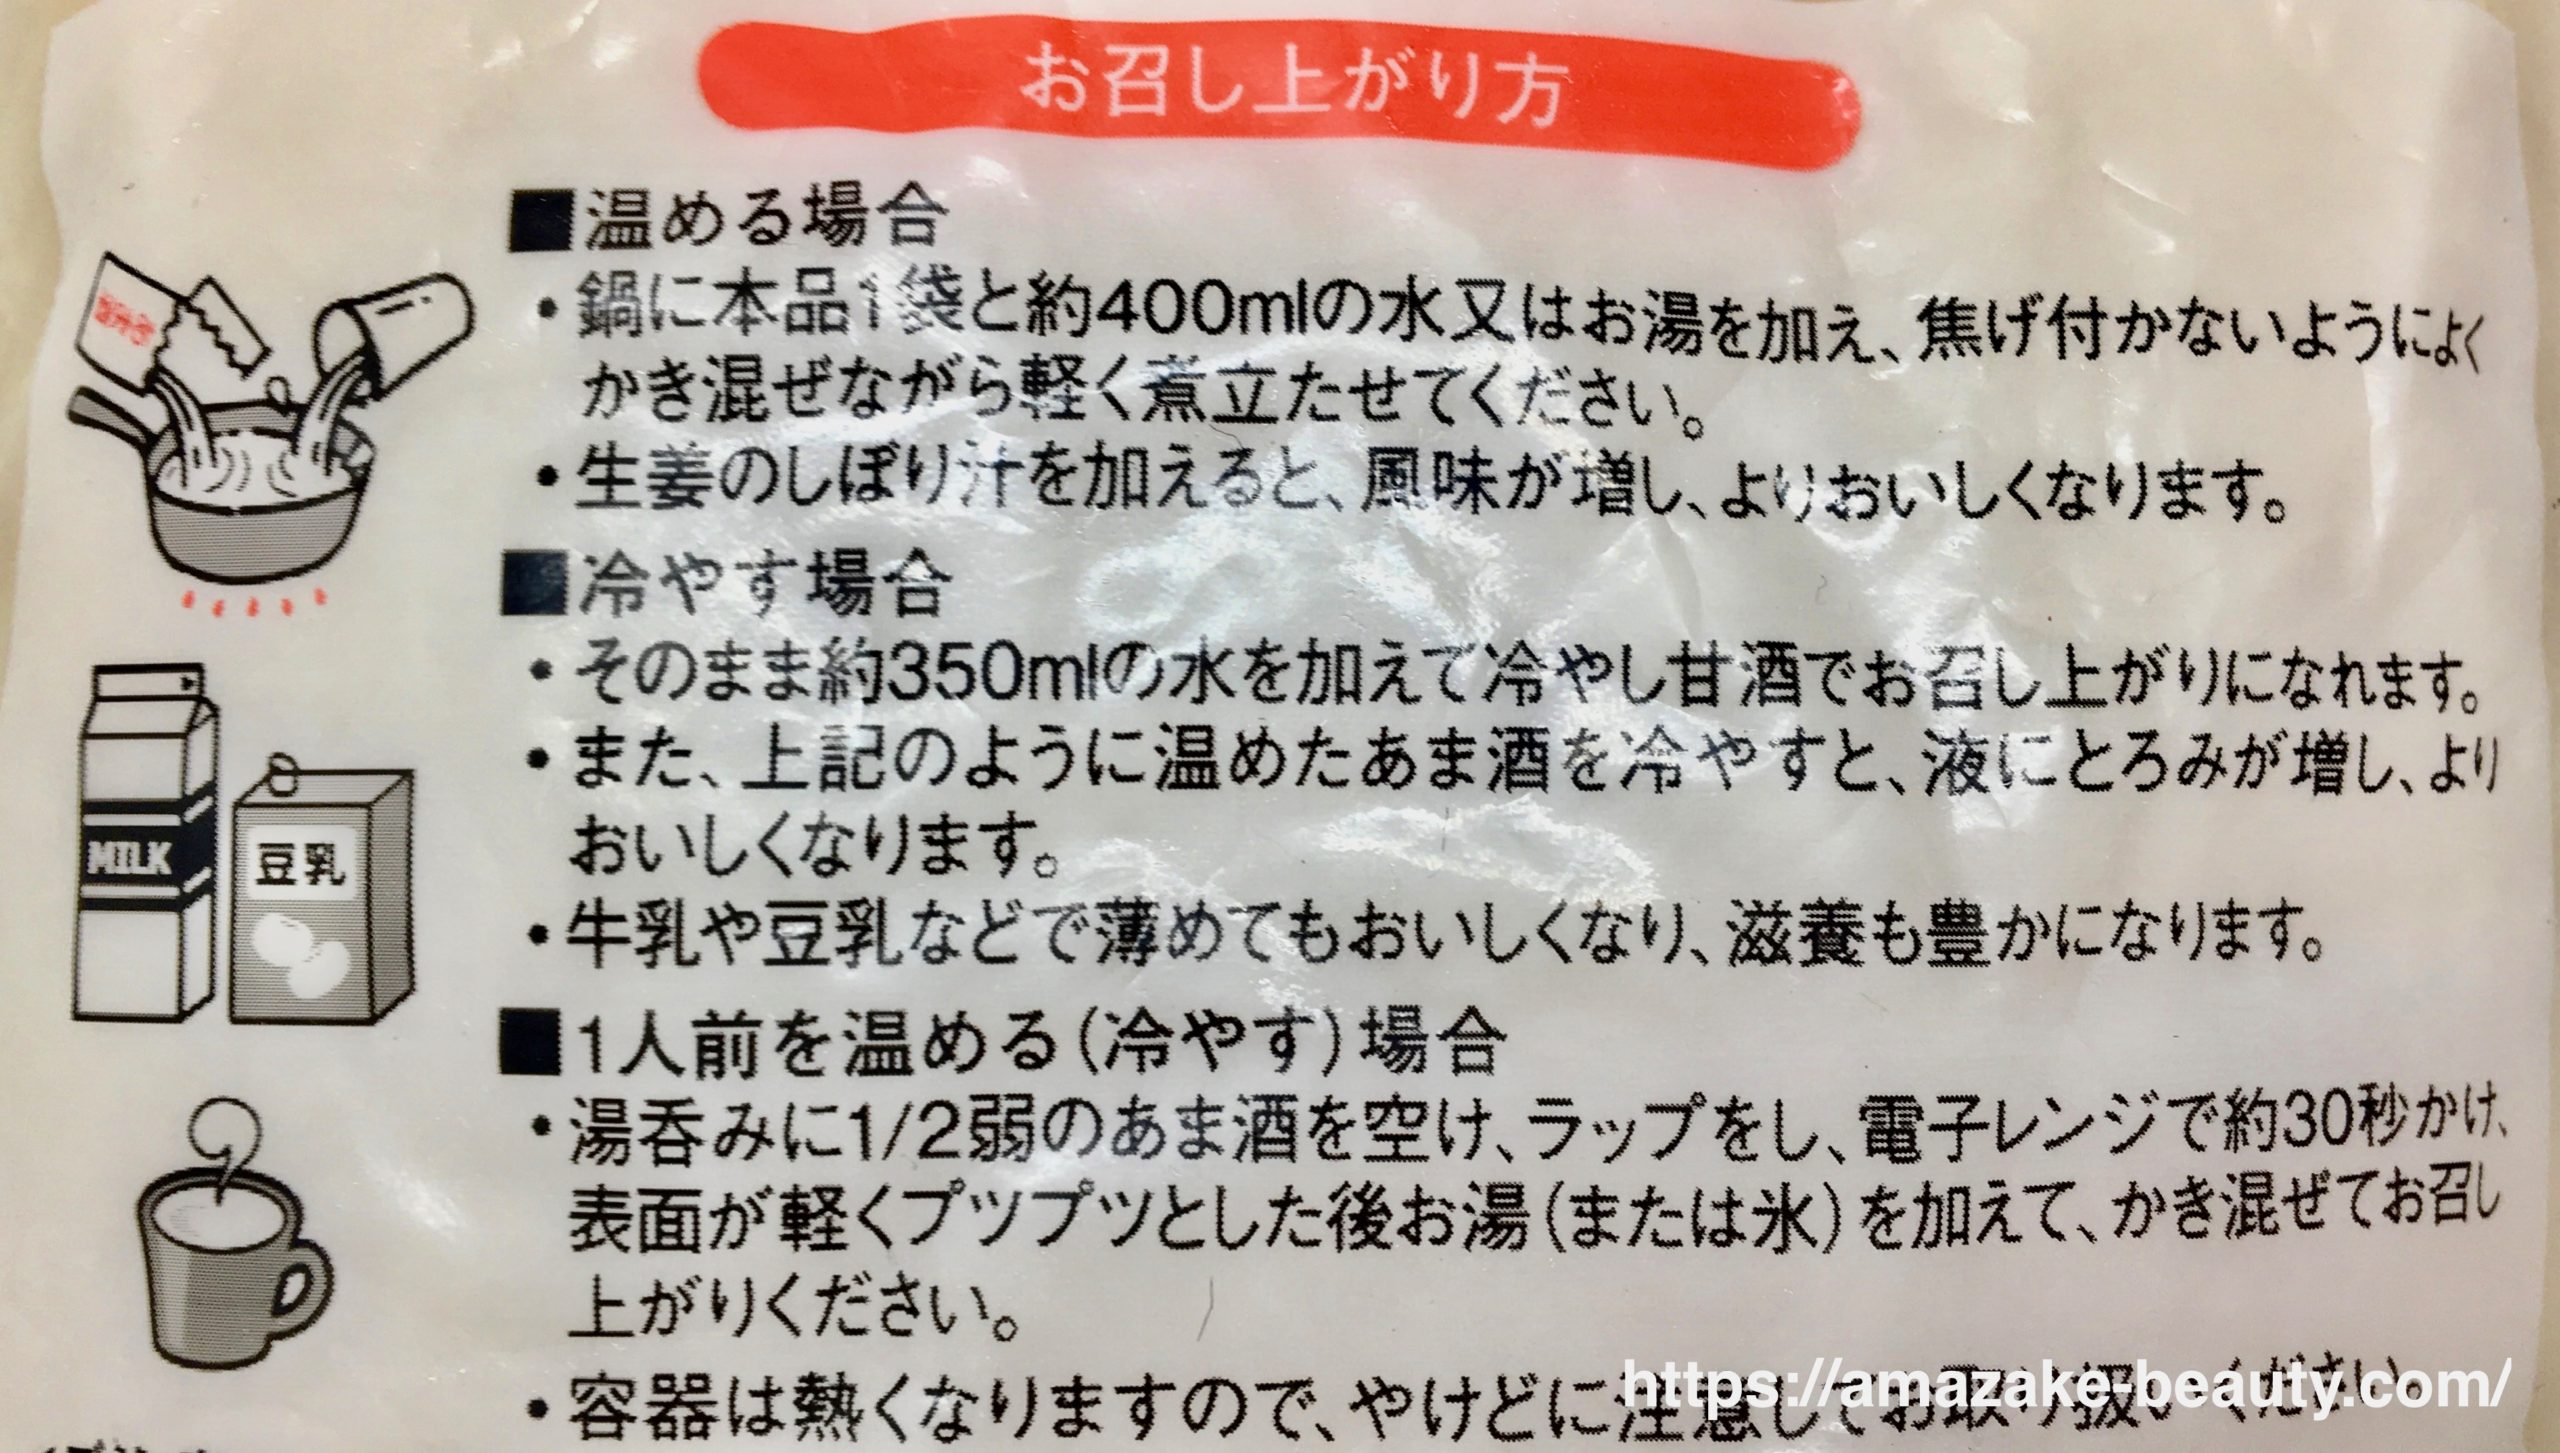 【甘酒】伊豆フェルメンテ『金太君 純あま酒』(飲み方)